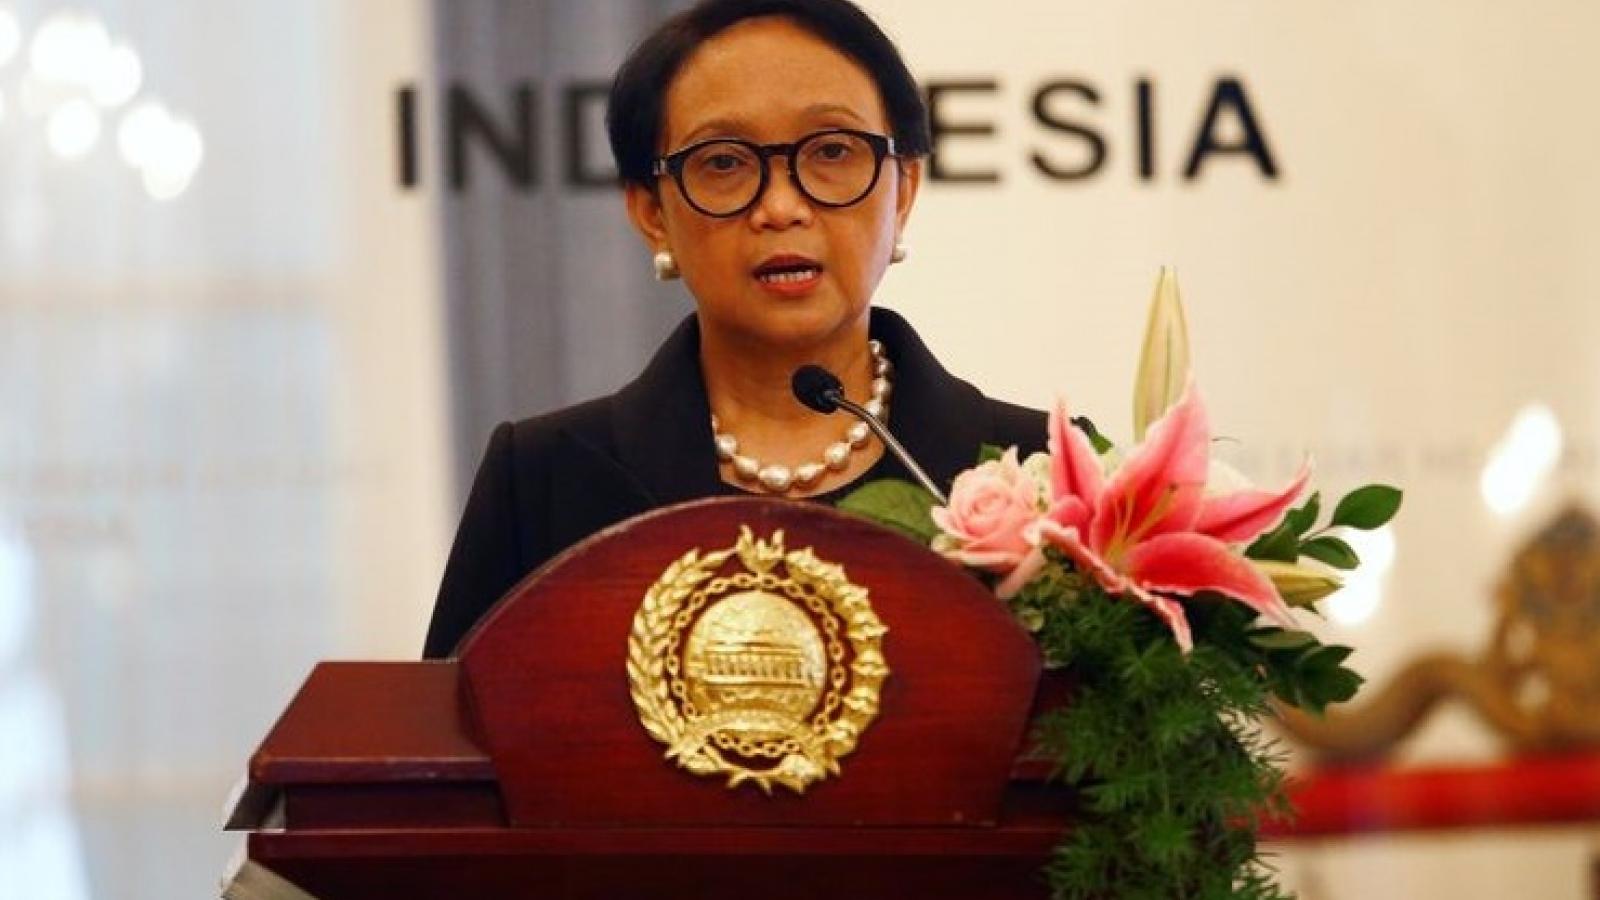 Mỹ và Indonesia nhấn mạnh tầm quan trọng của quan hệ đối tác chiến lược giữa hai nước